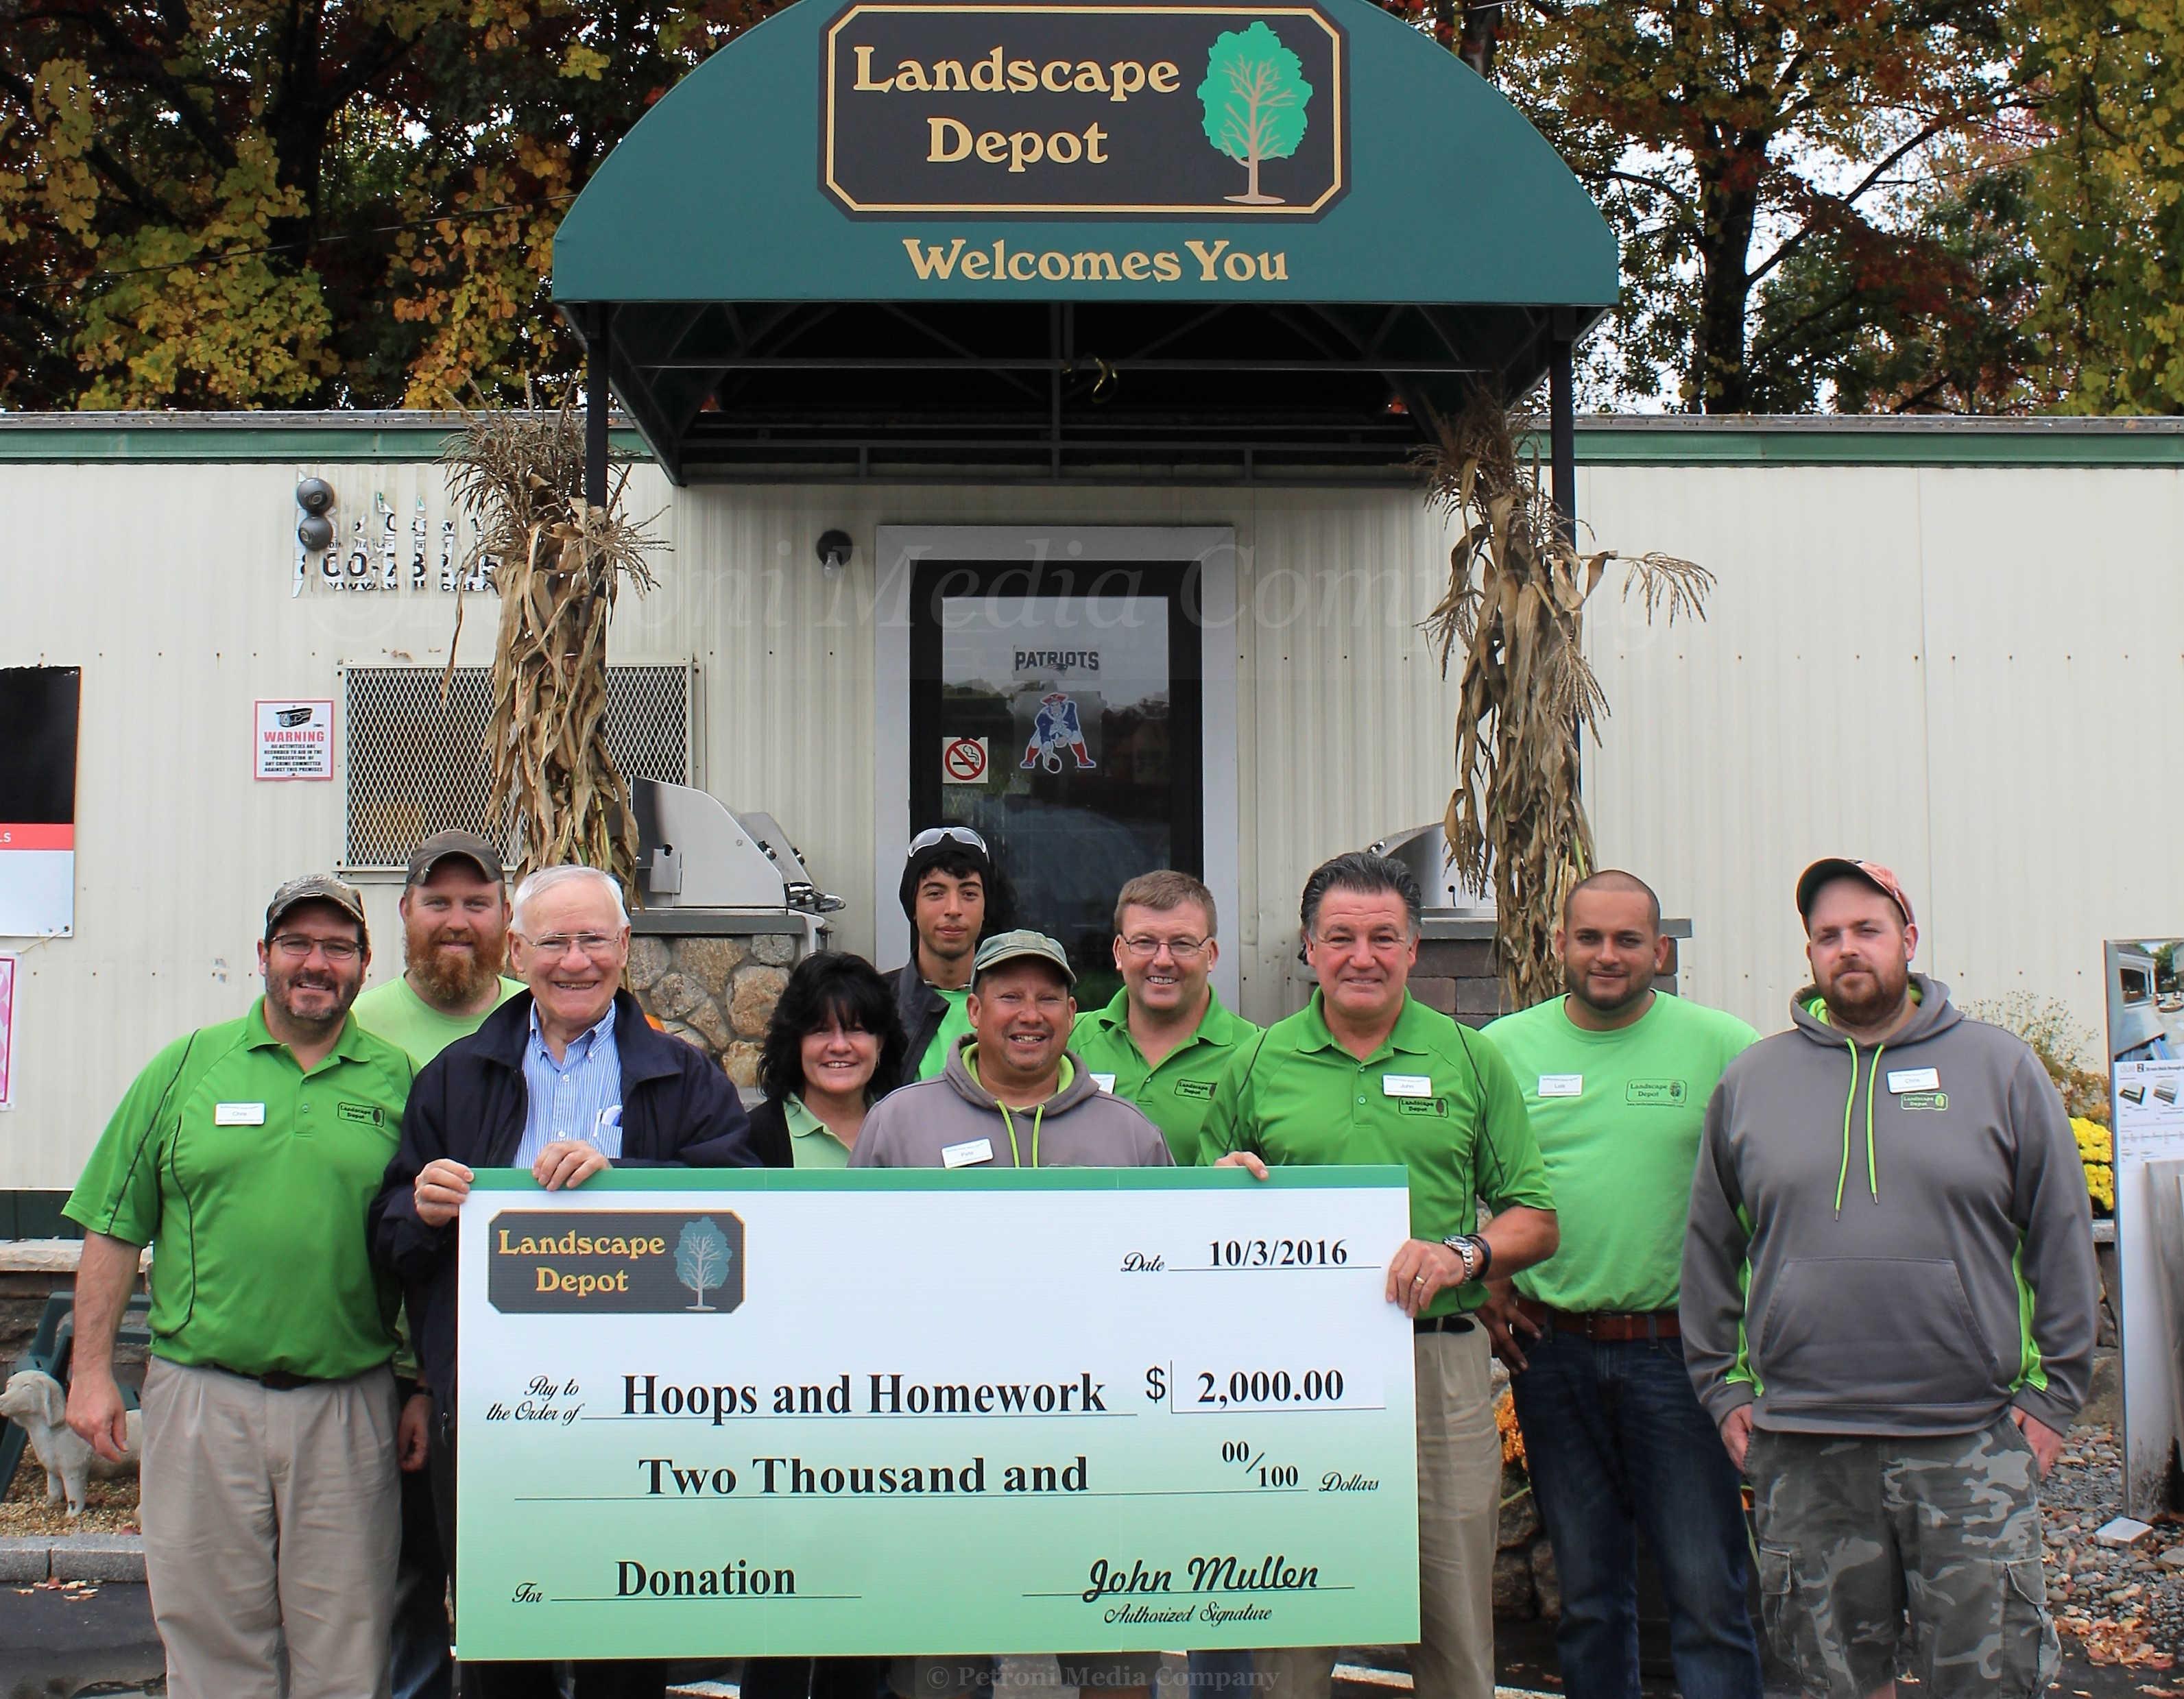 Landscape depot donates 2 000 to hoops homework program for Landscape depot